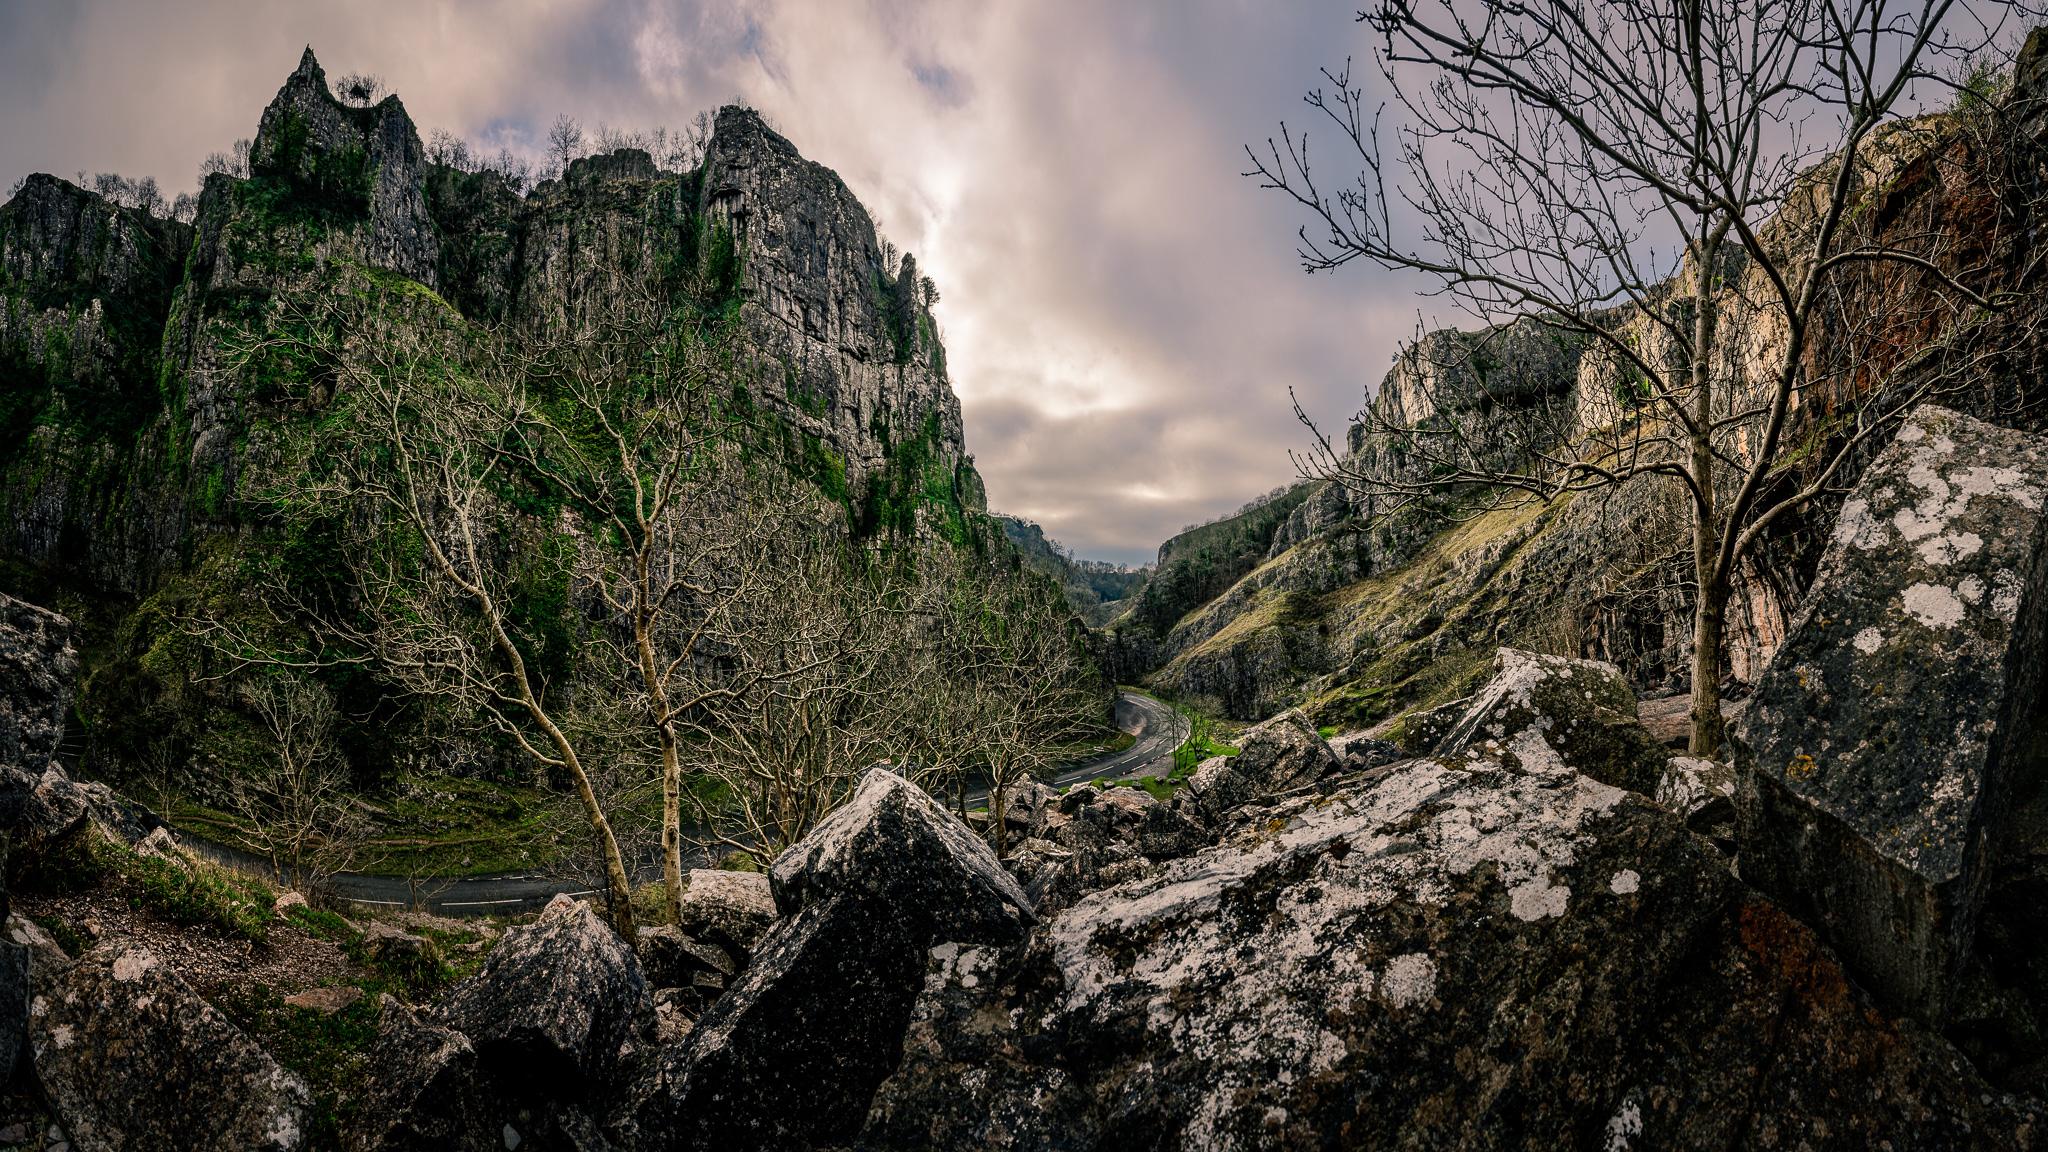 Cheddar Gorge in Somerset, GB, United Kingdom